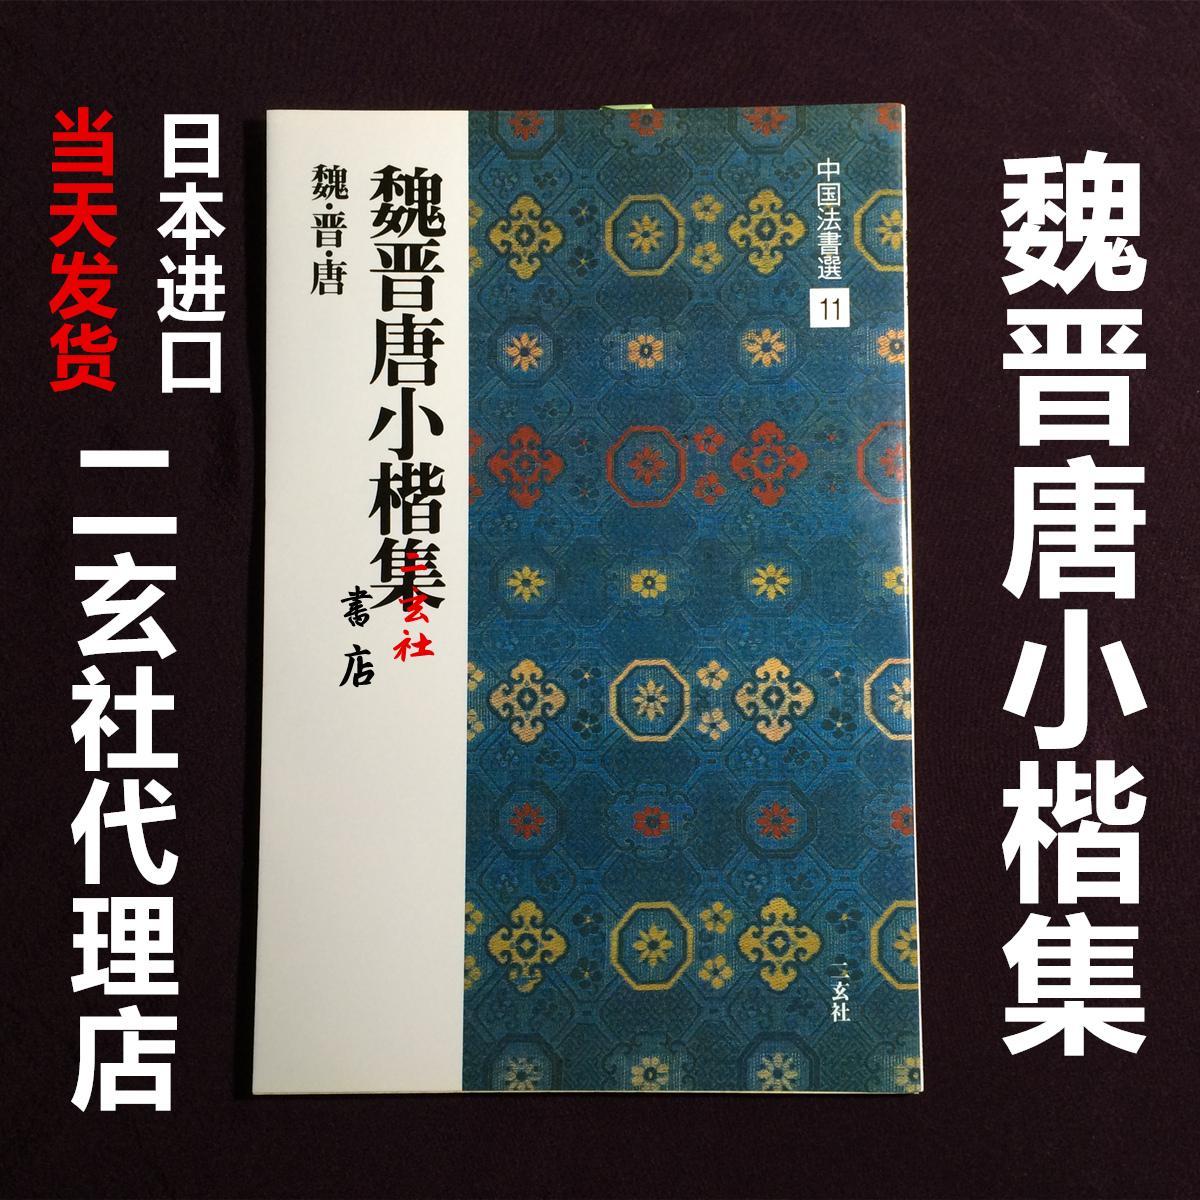 Япония подлинный бесплатная доставка два таинственный общество слово заметка китай франция книга выбранный 11 вэй провинция шанси династия тан небольшой трафарет коллекция